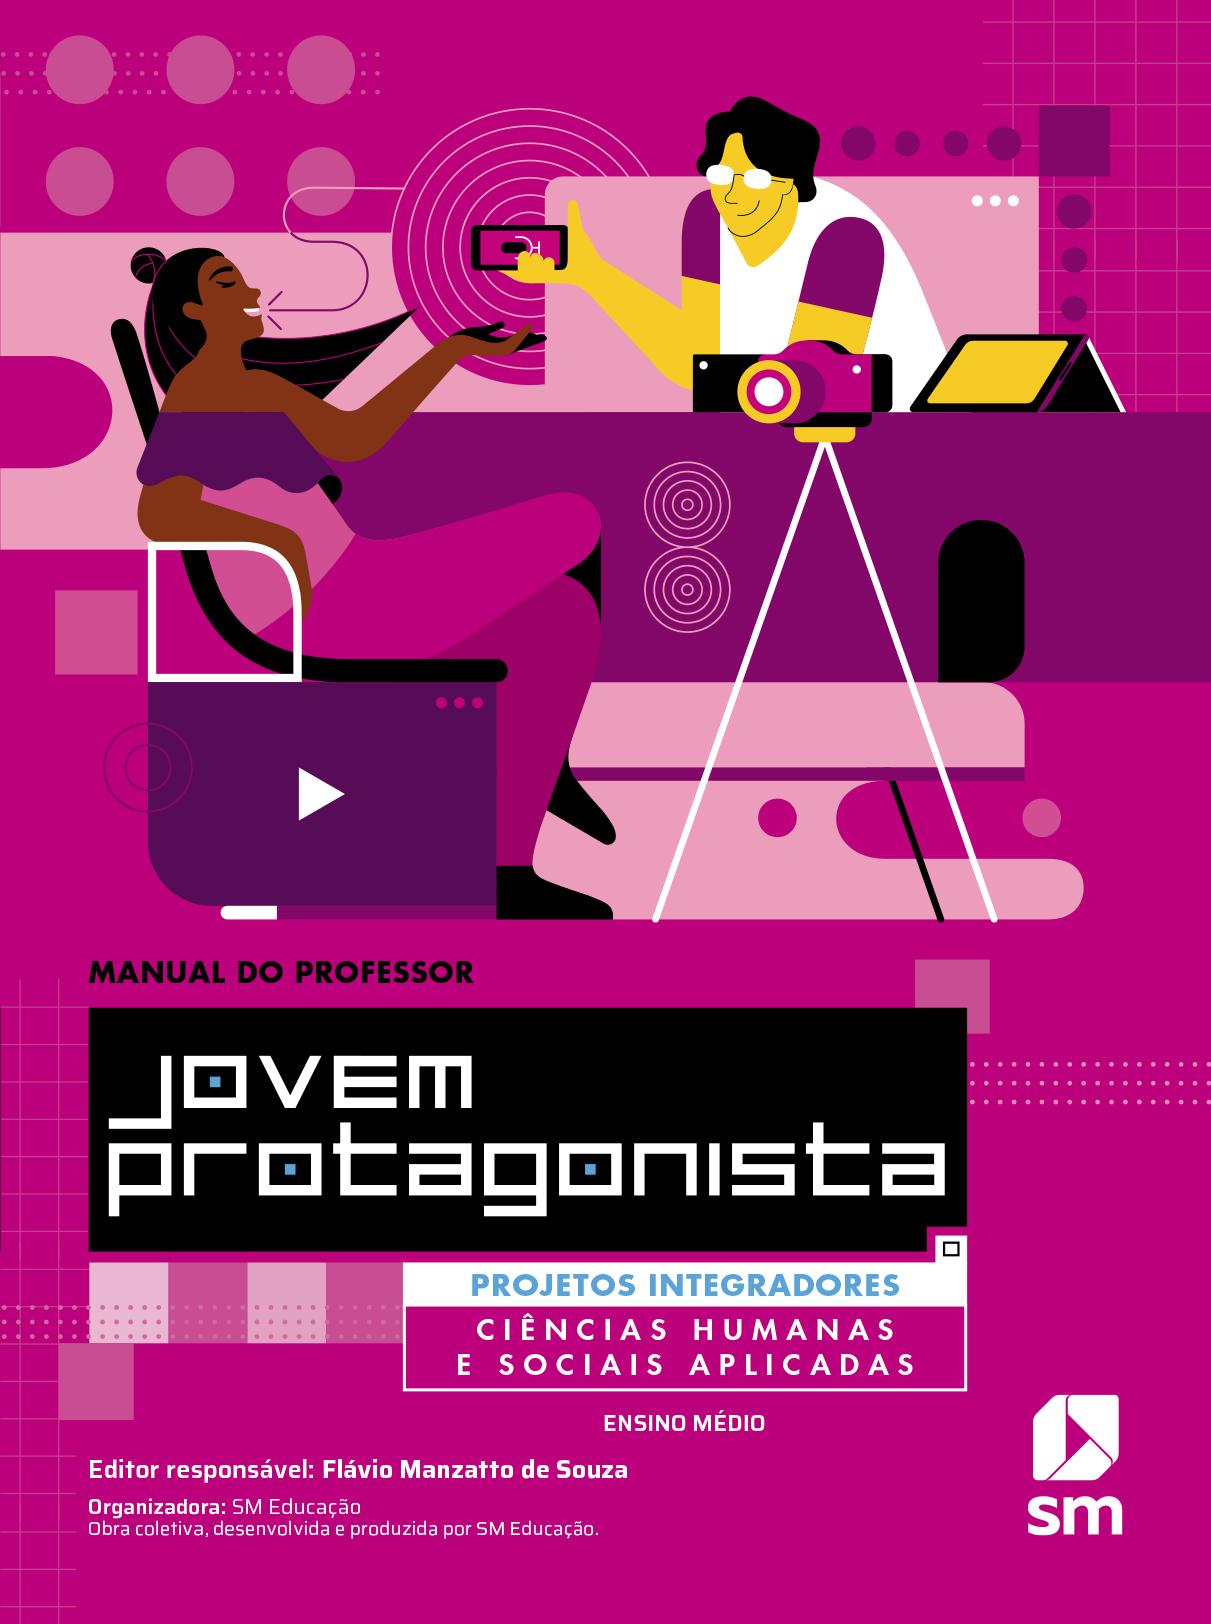 Capa do livro Ciências humanas e sociais aplicadas da coleção Jovem protagonista